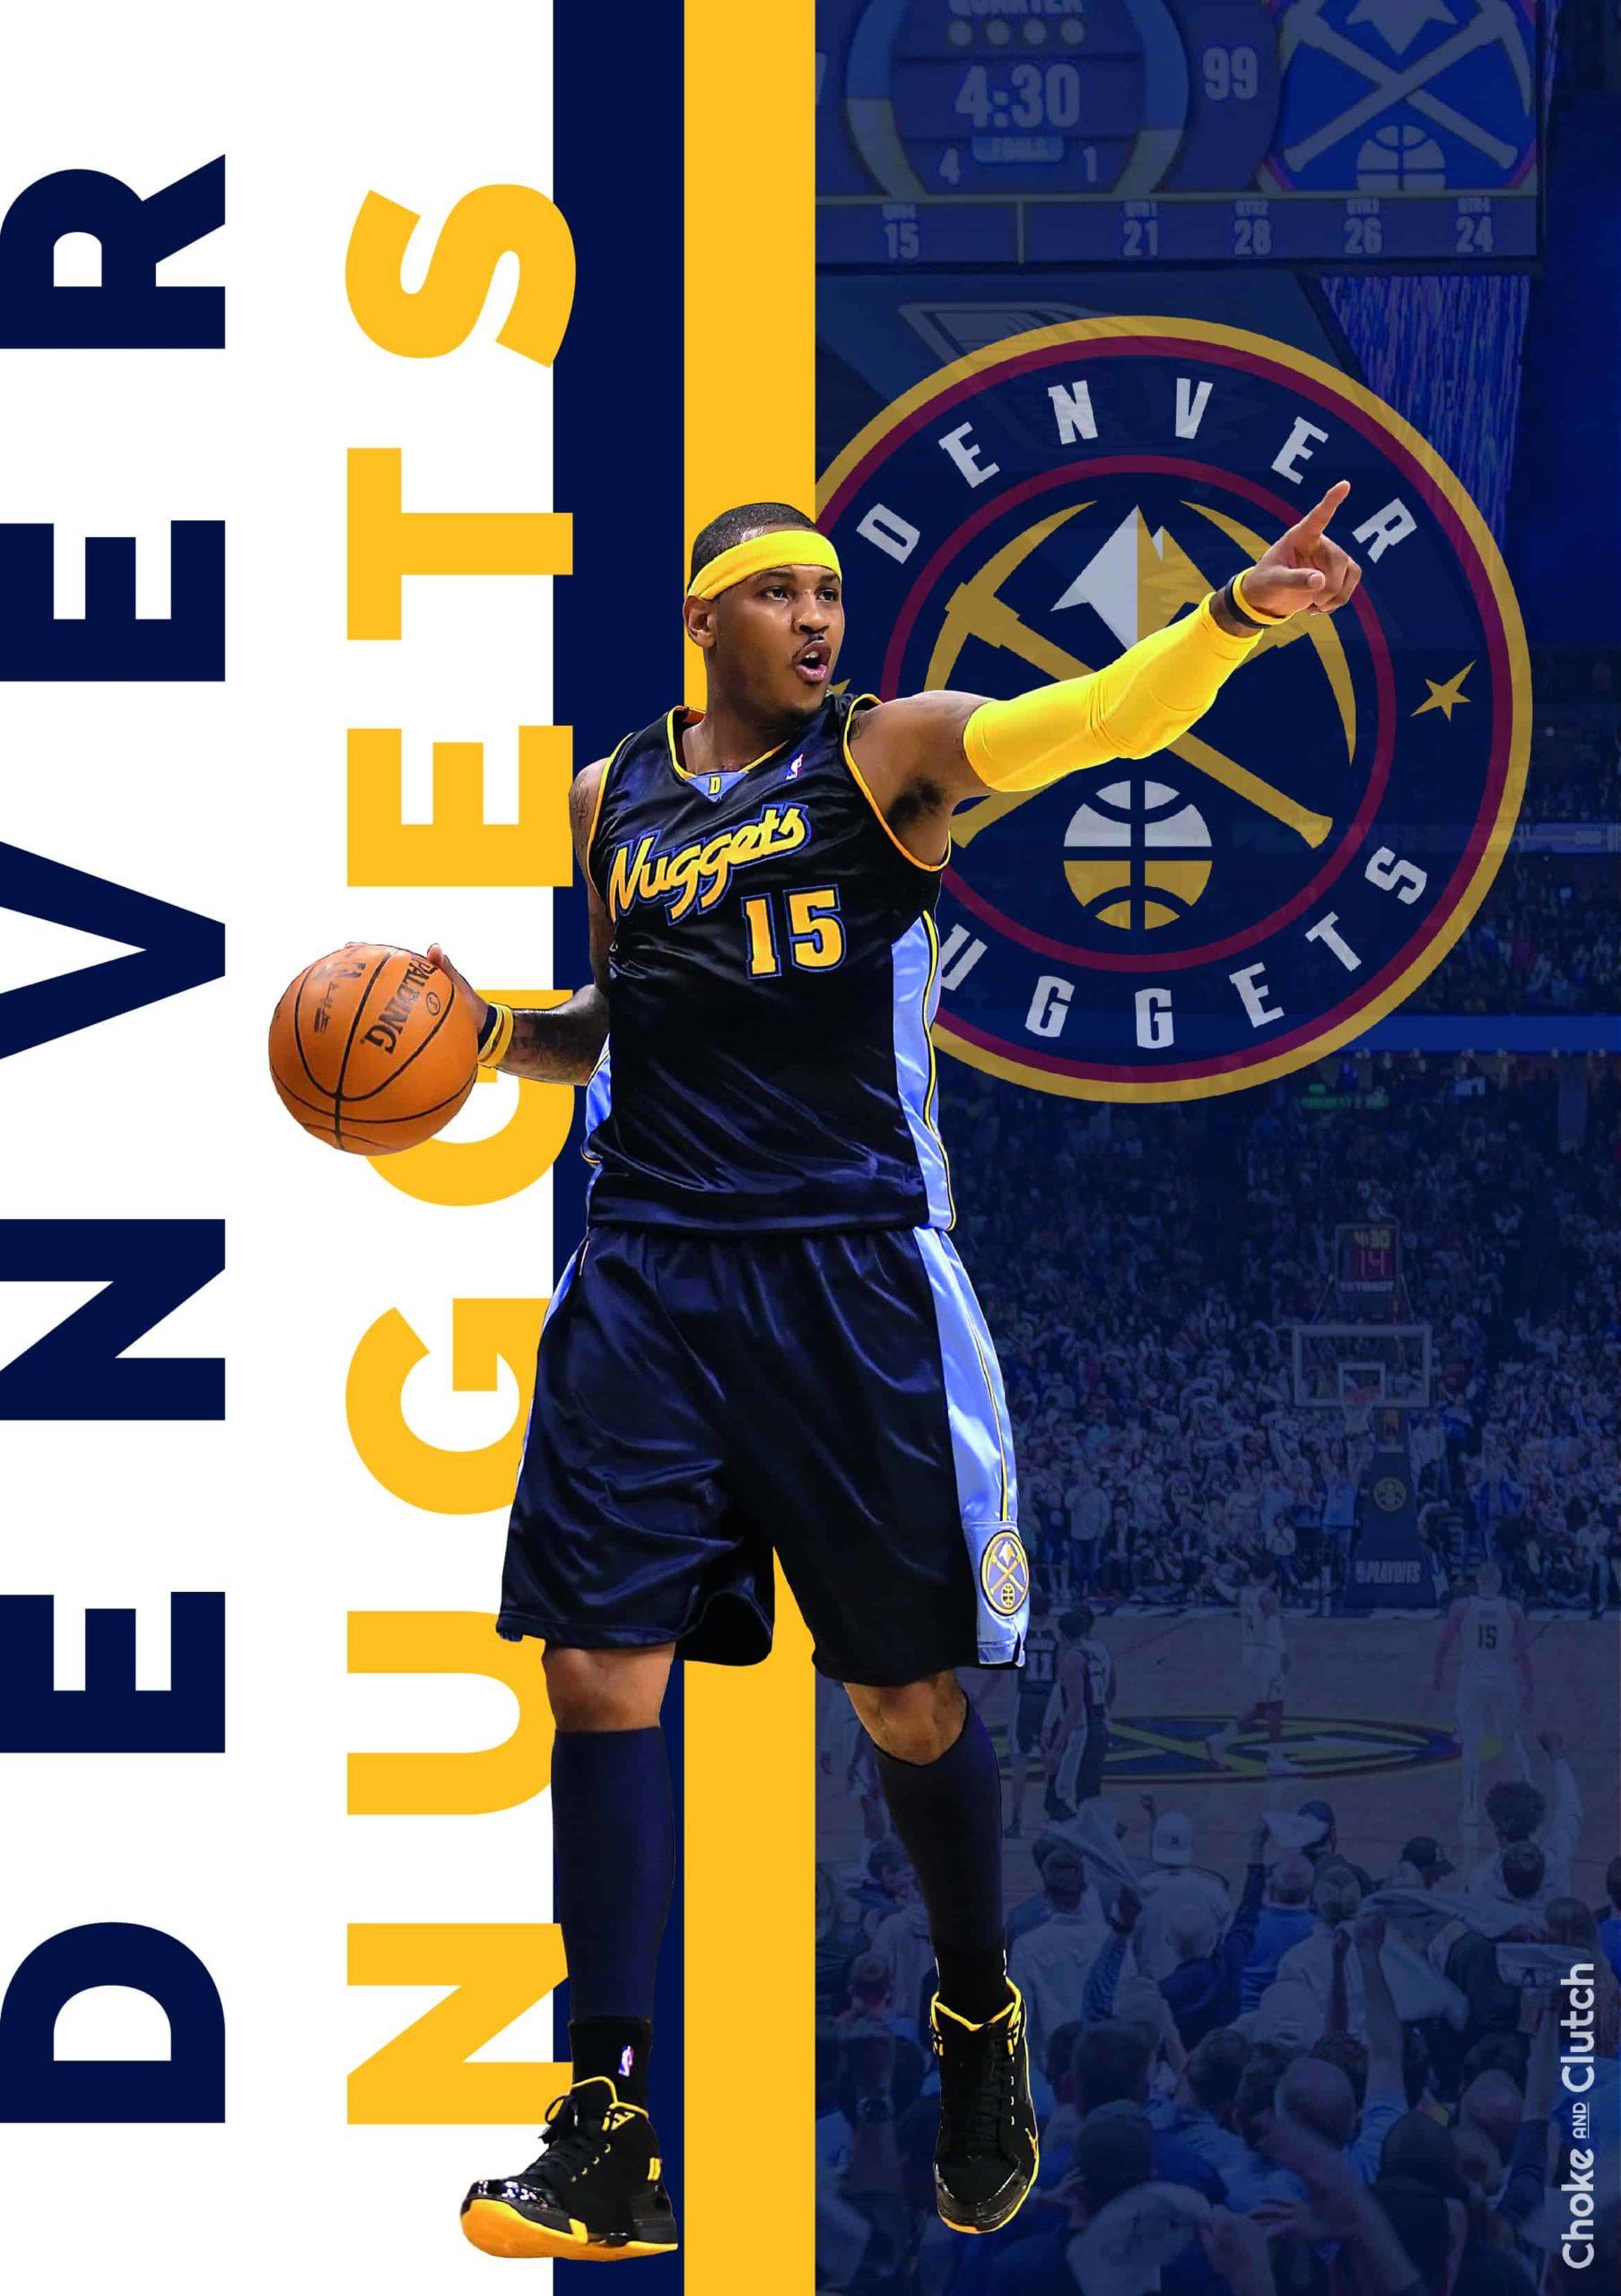 Histoire de la franchise NBA des Nuggets de Denver